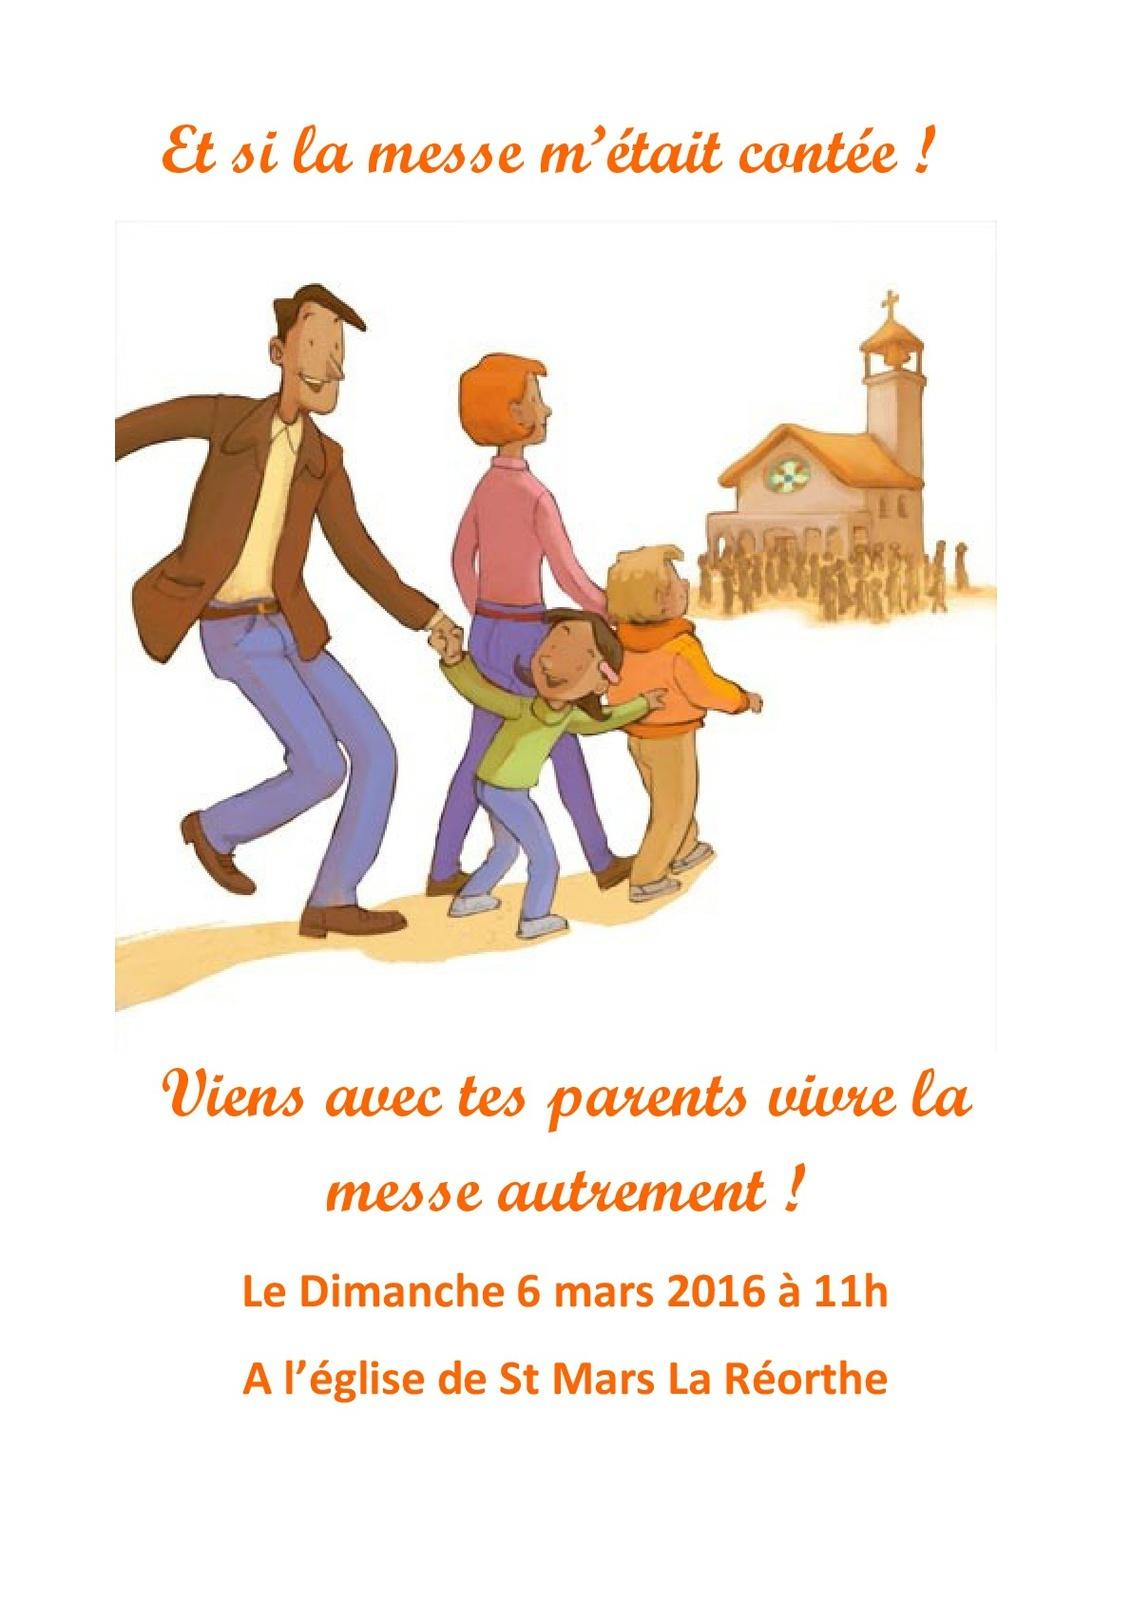 Viens avec tes parents vivre la messe autrement - Le Dimanche 6 mars 2016 à 11h A l'église de St Mars La Réorthe